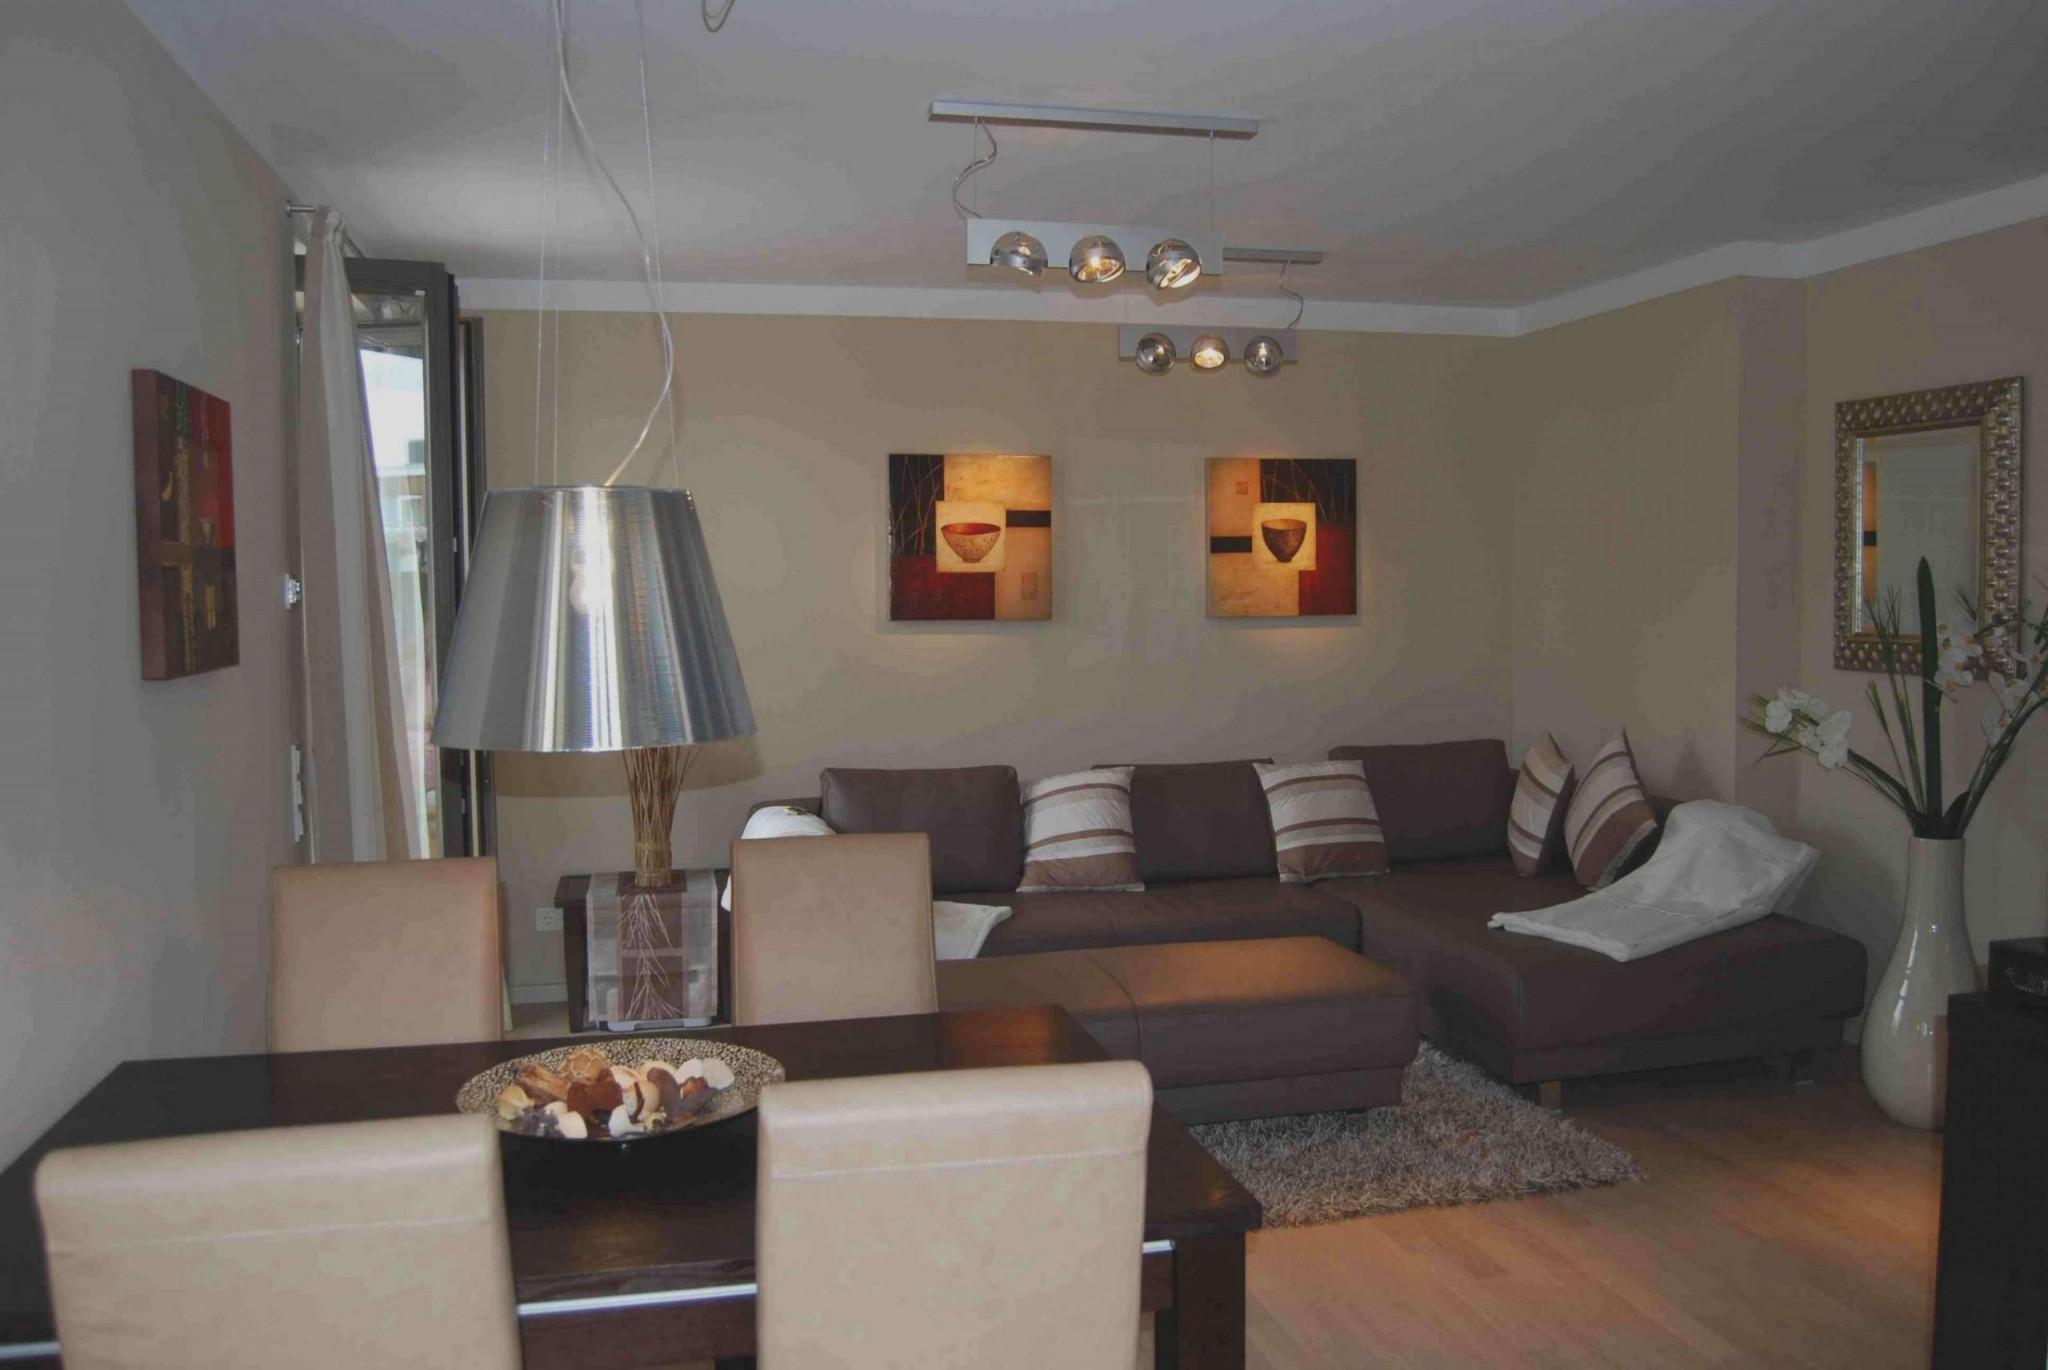 30 Luxus Kleines Wohnzimmer Mit Essbereich Einrichten von Wohnzimmer Mit Essecke Einrichten Photo